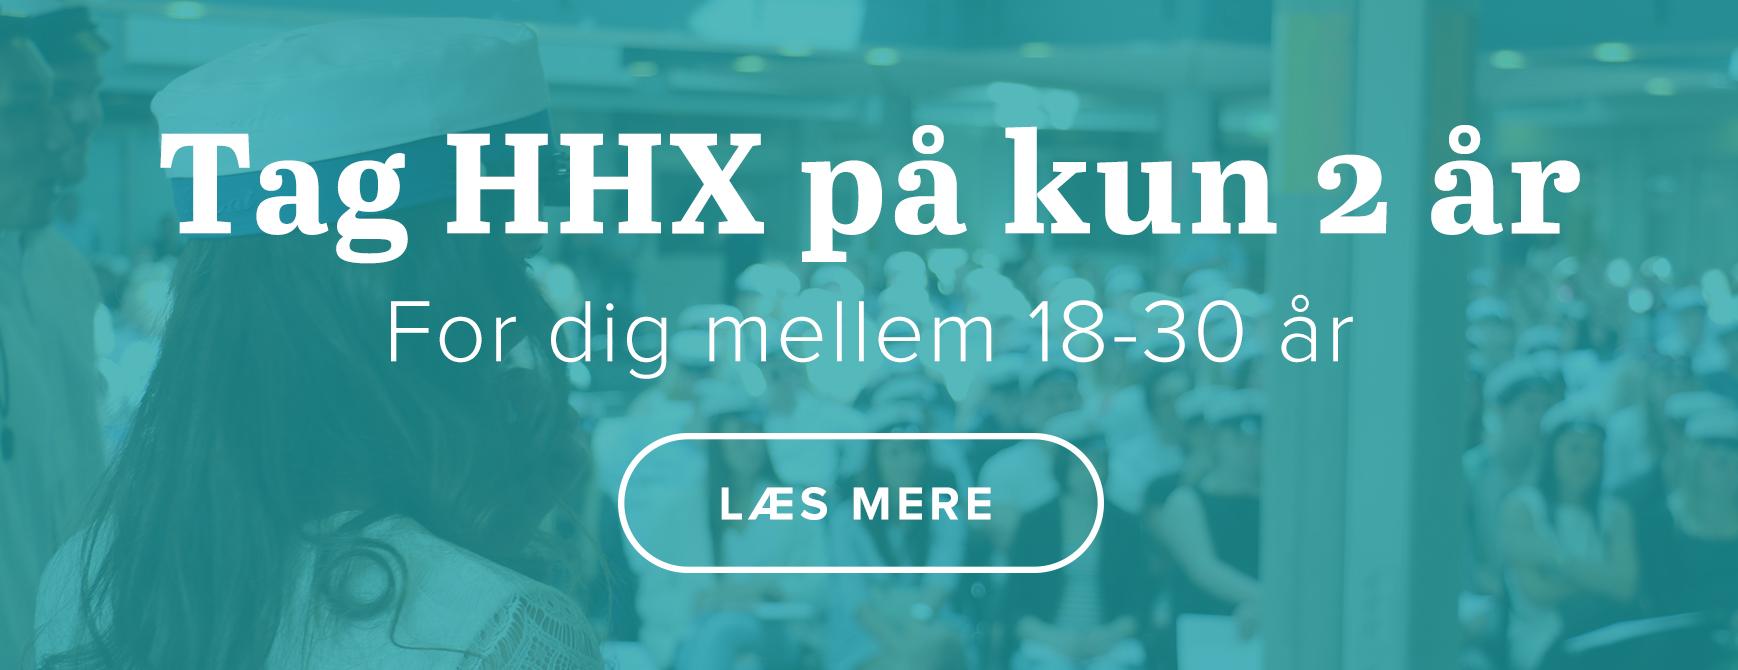 Tag HHX på kun 2 år